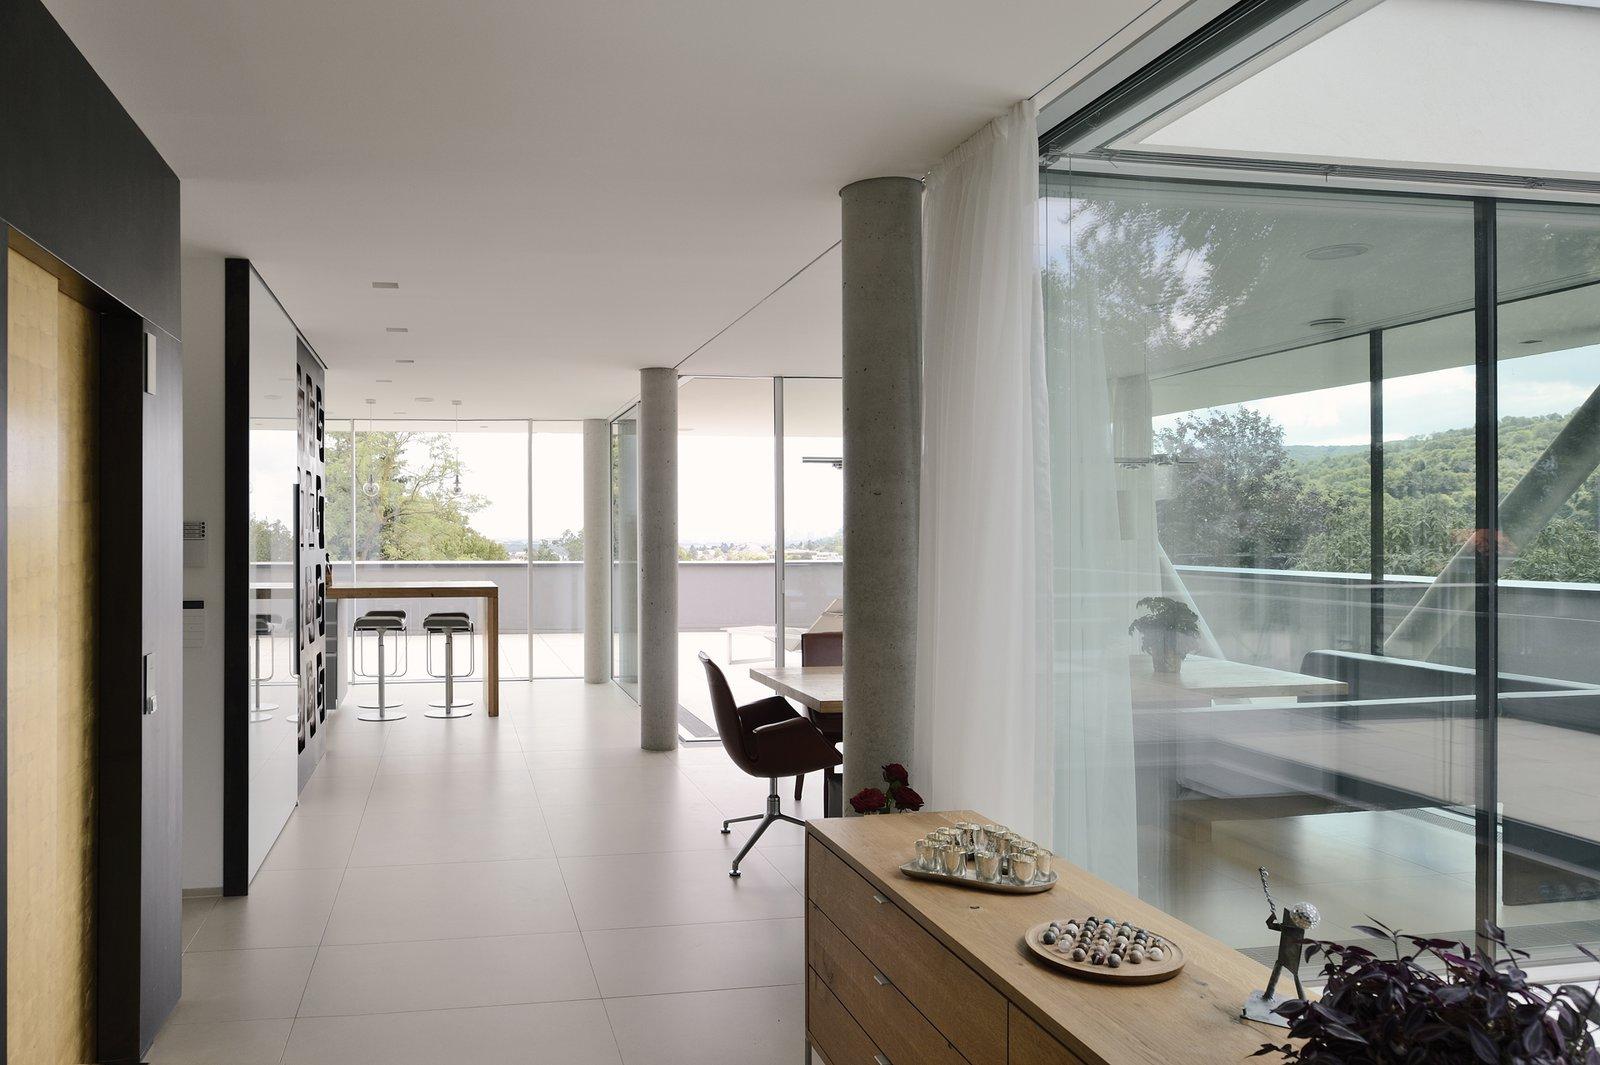 View toward the kitchen